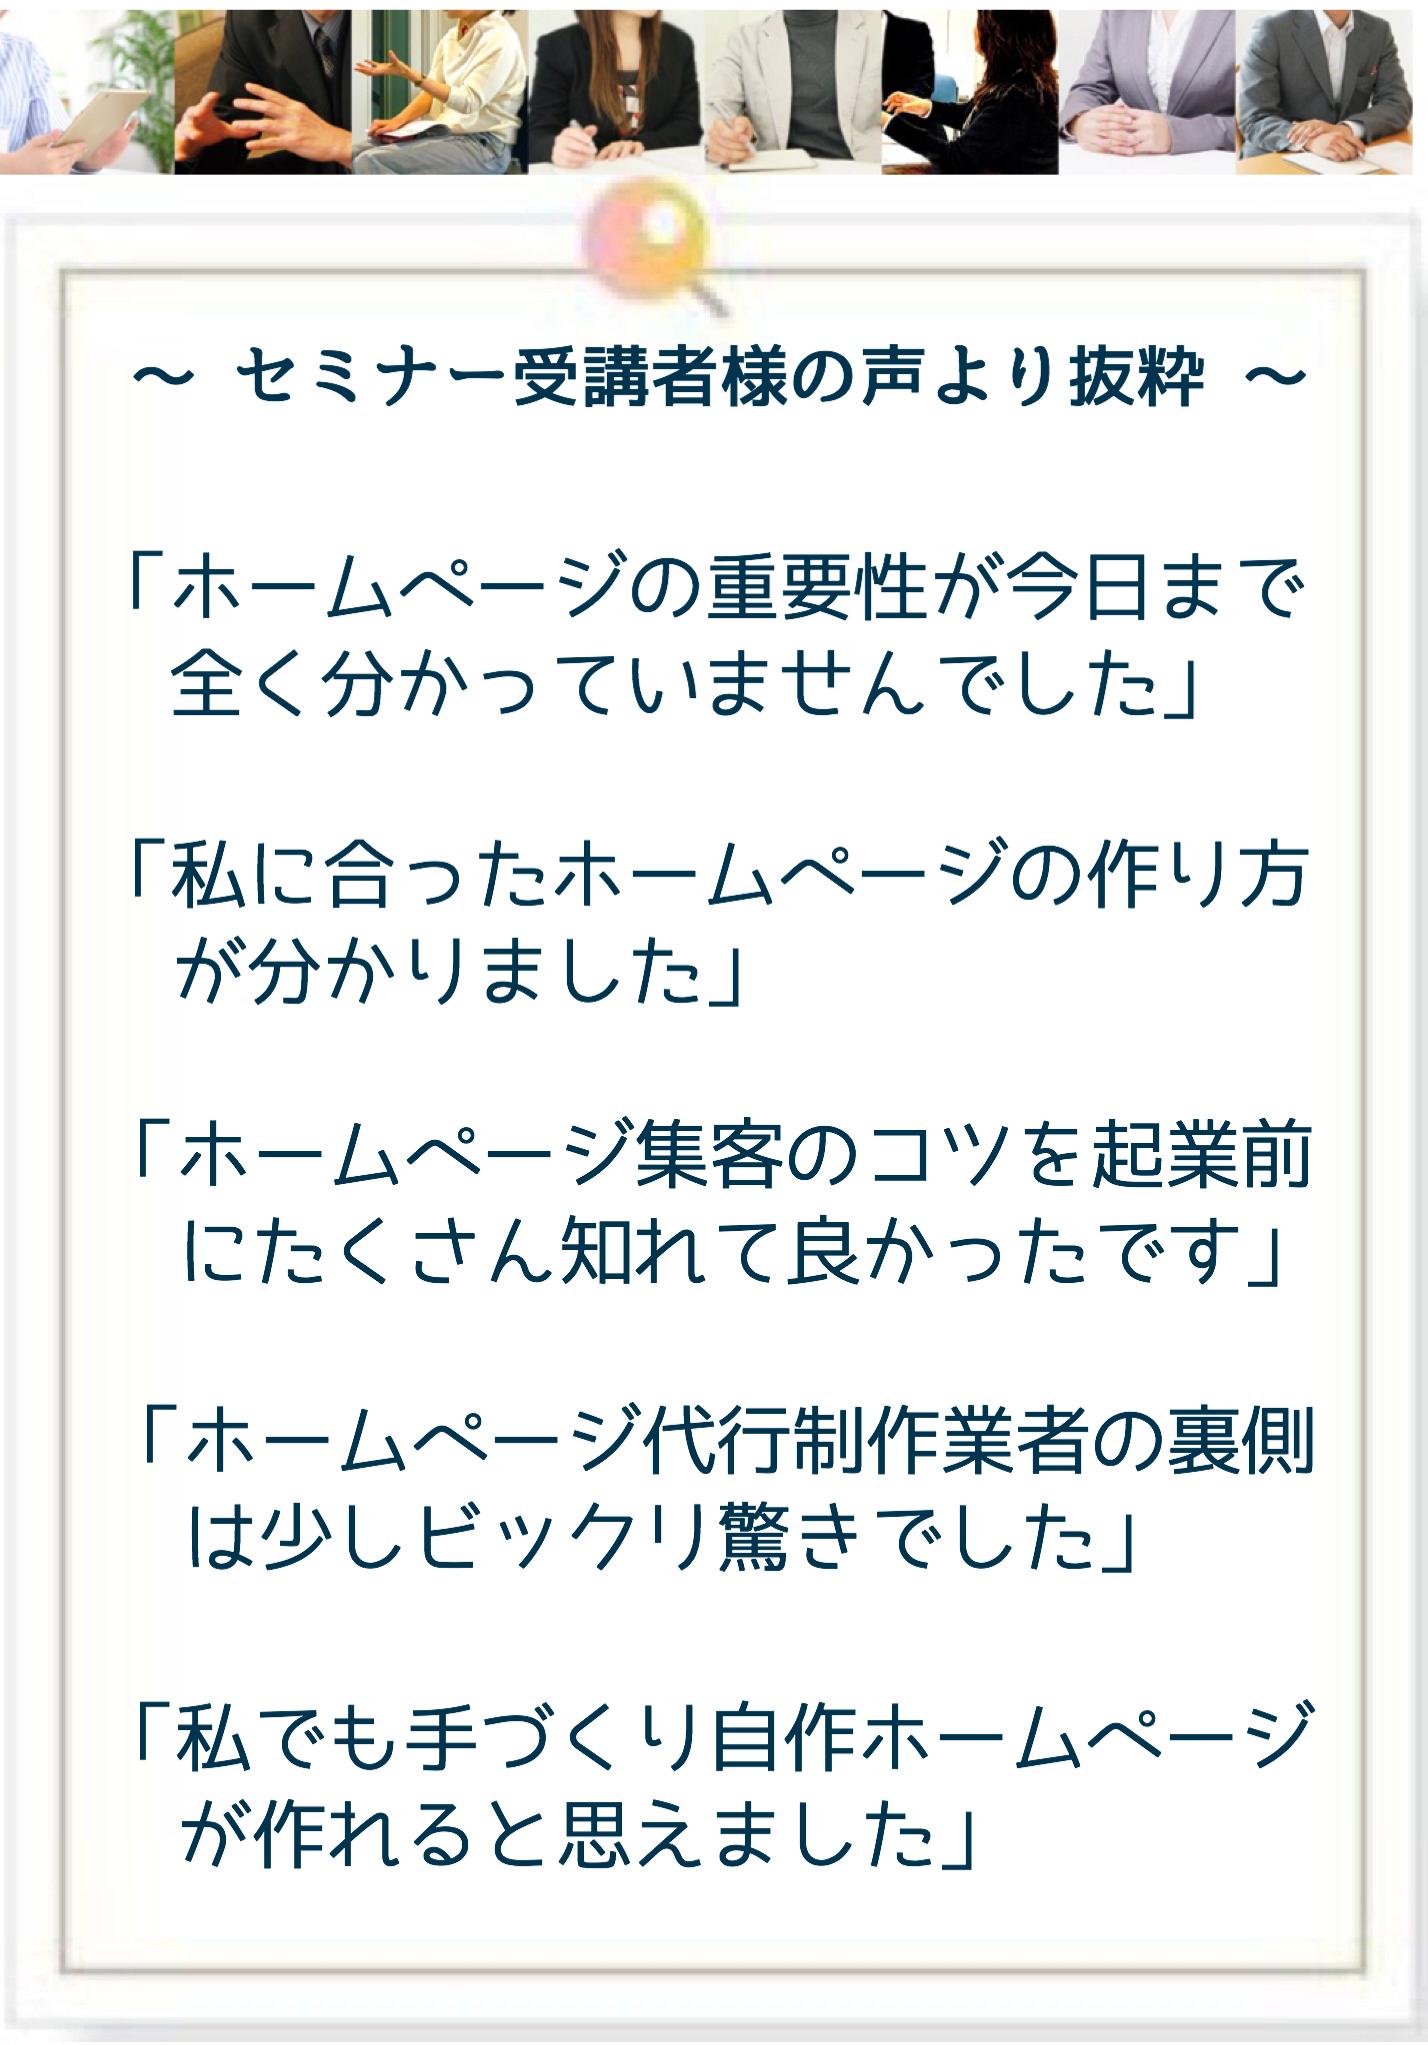 集客ホームページ作成講座初心者セミナー横浜神奈川評判抜粋